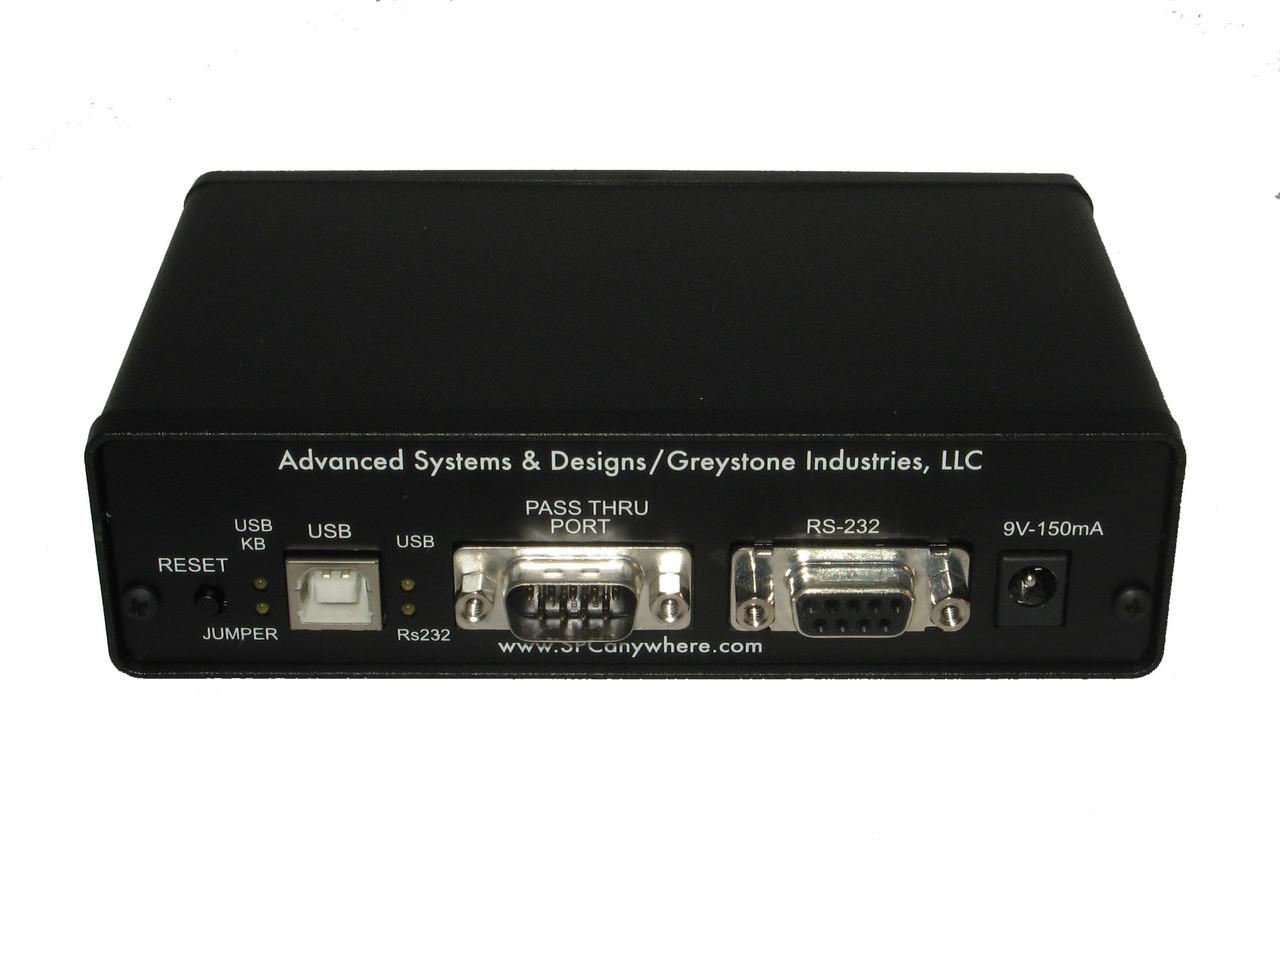 ASDQMS GageMux USB Multiplexer Back